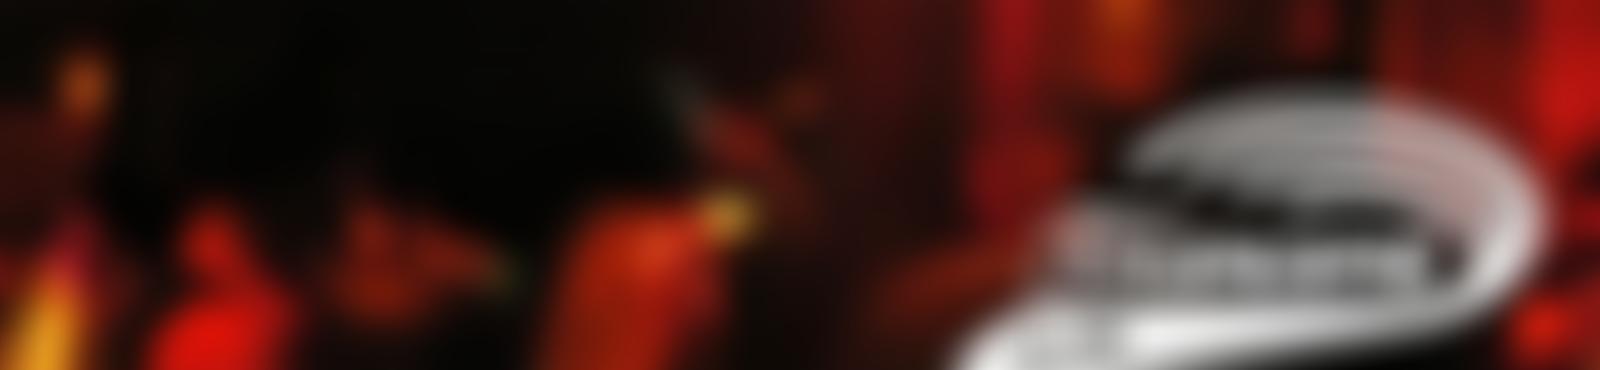 Blurred 11052427 1118475561503340 6196740248445652004 n